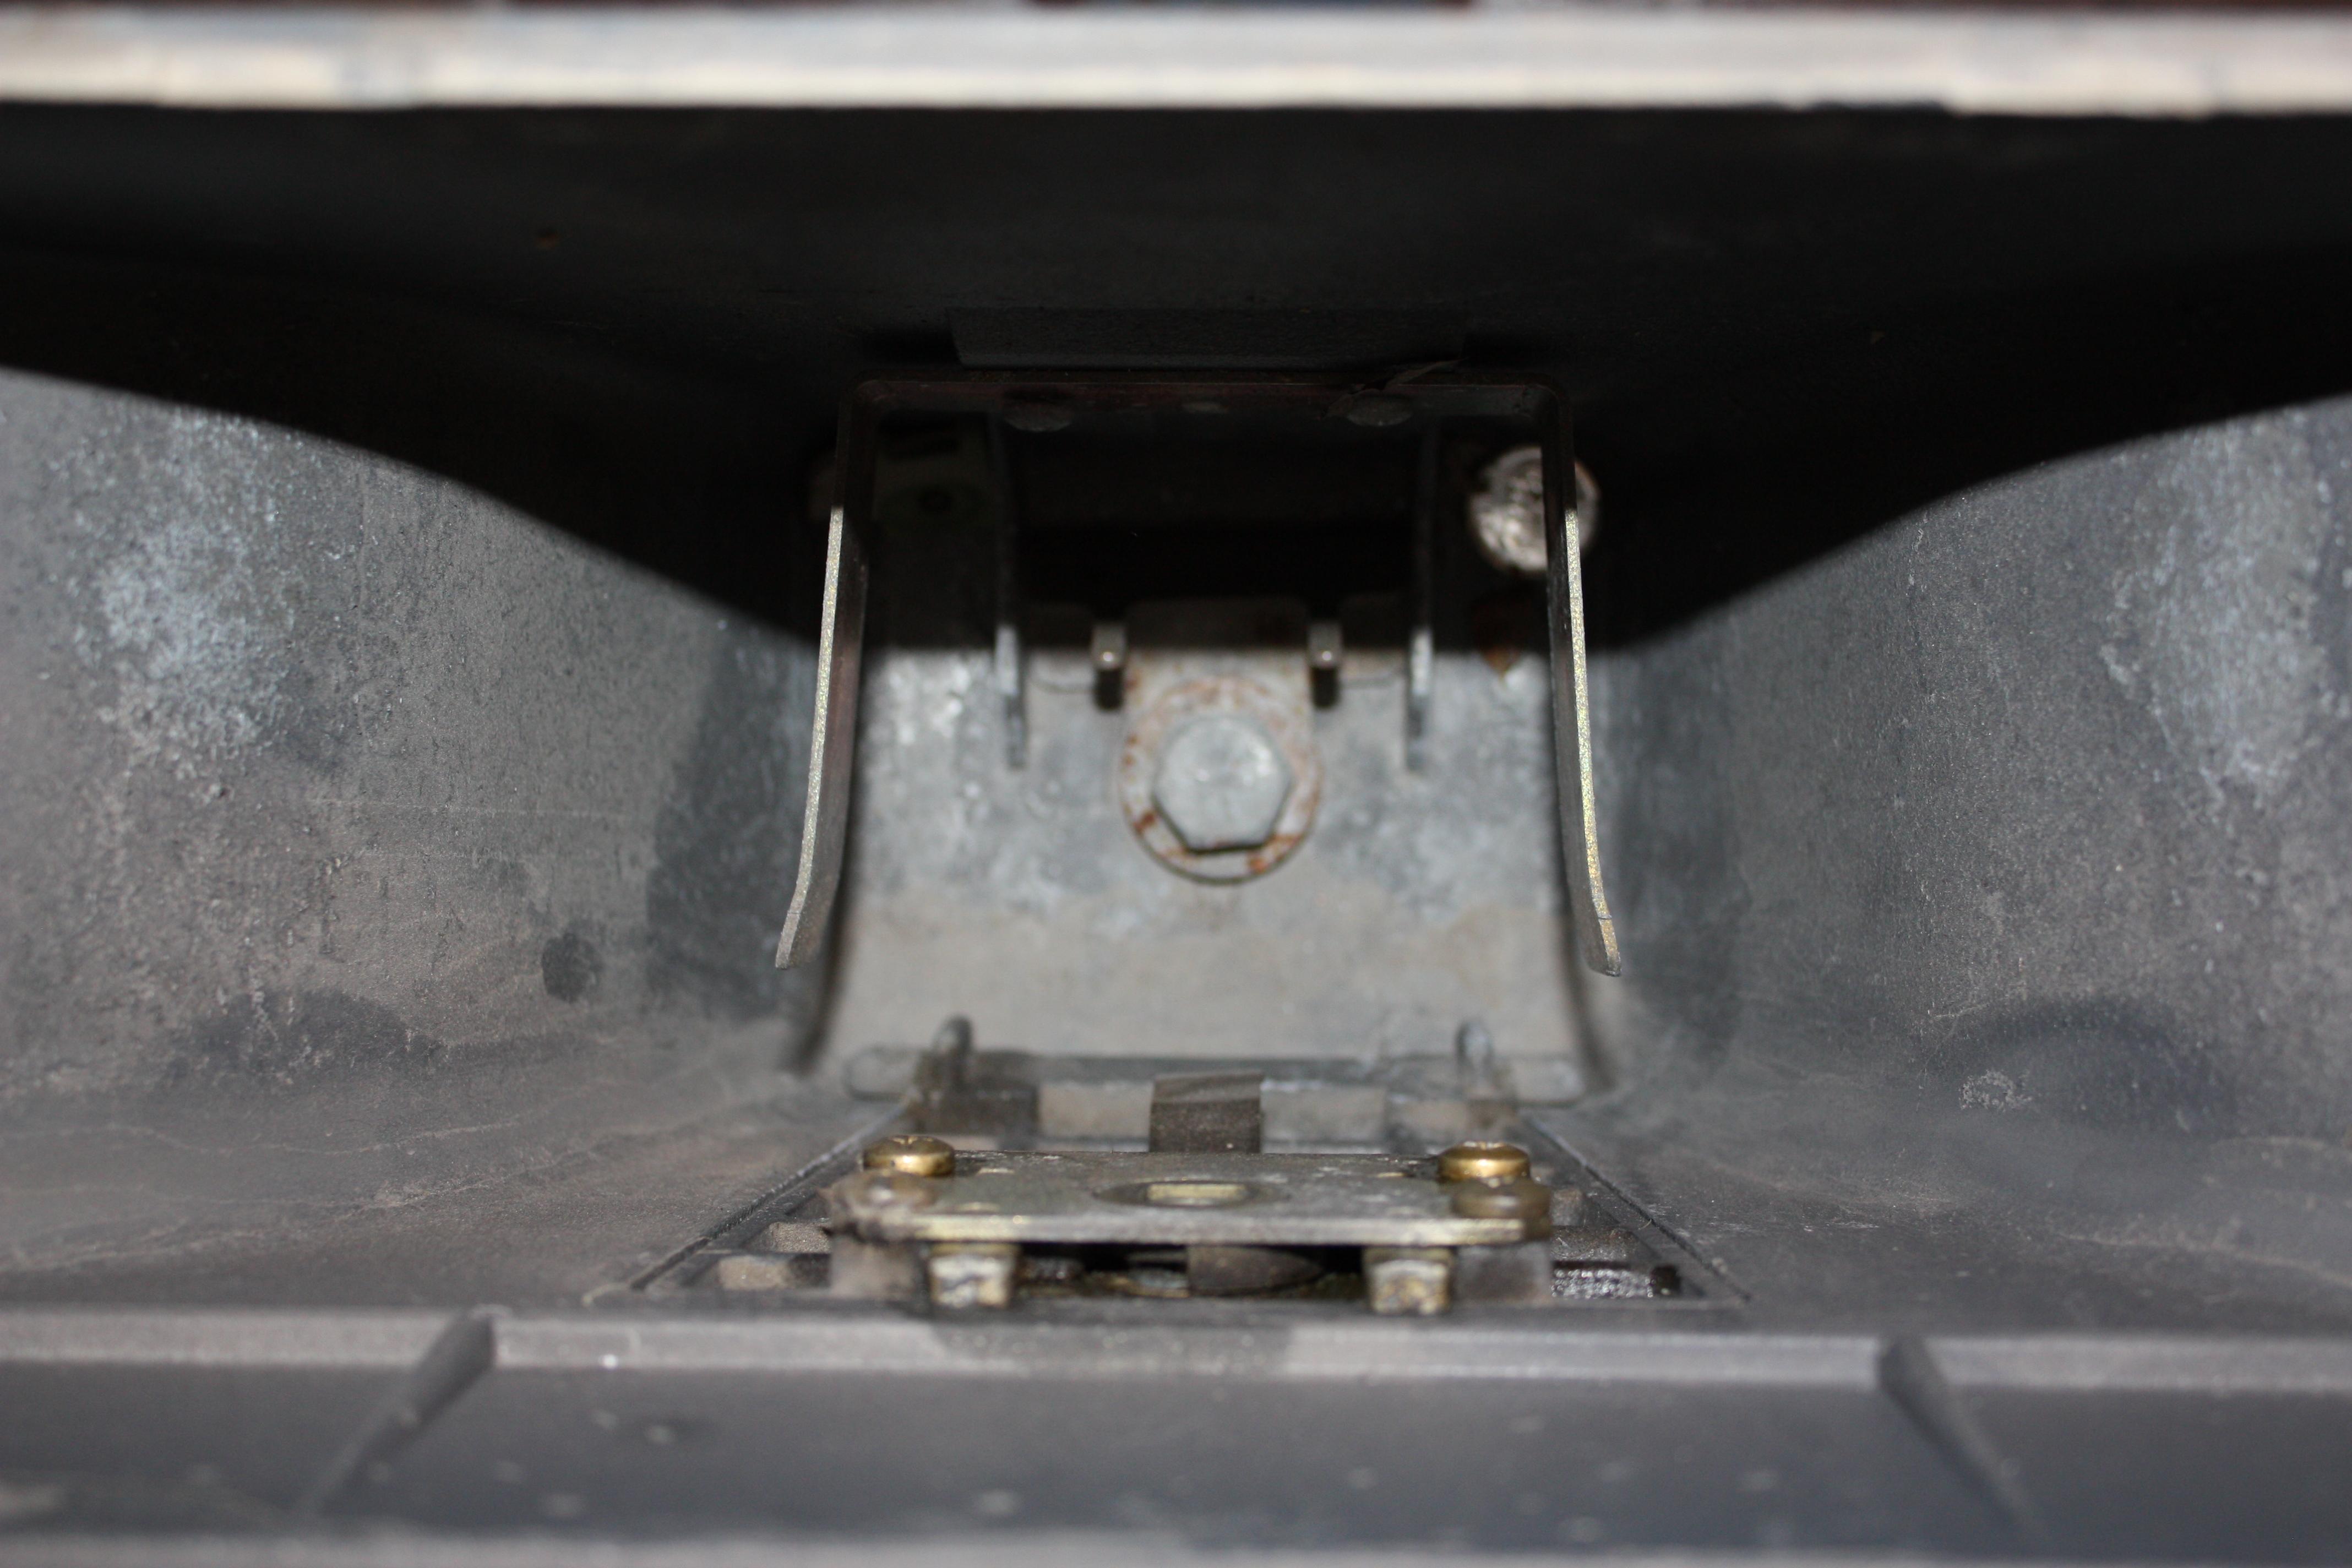 Picture of Take Apart Parking Meter